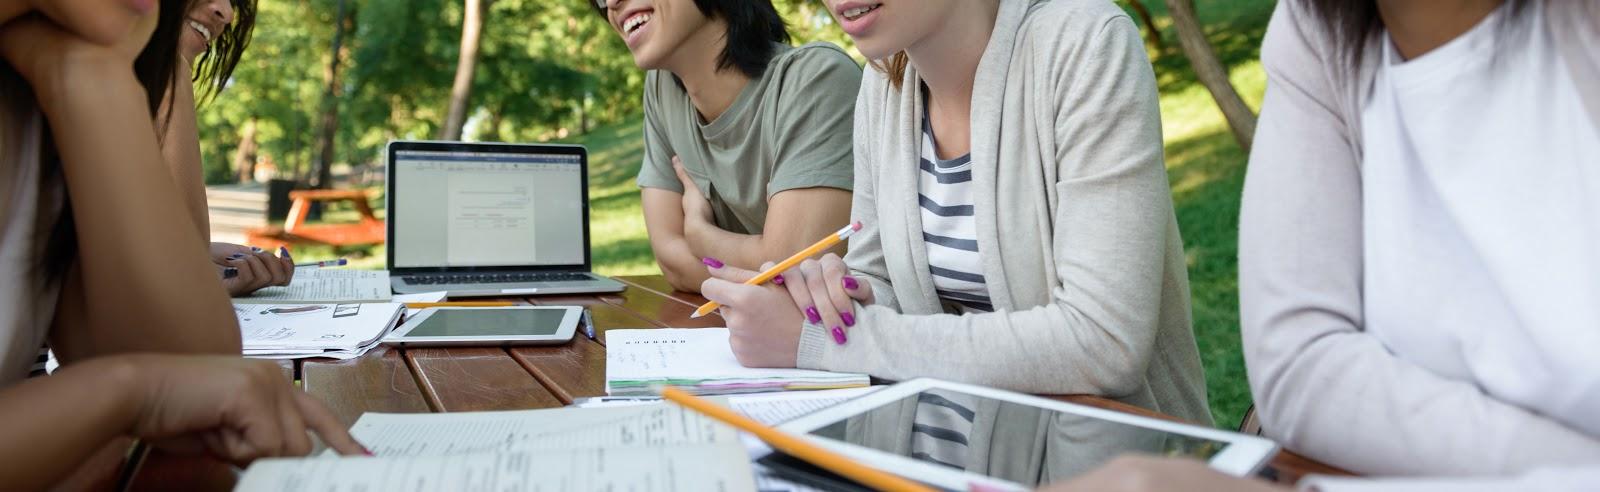 Pessoas estudando curso de inglês online juntas.